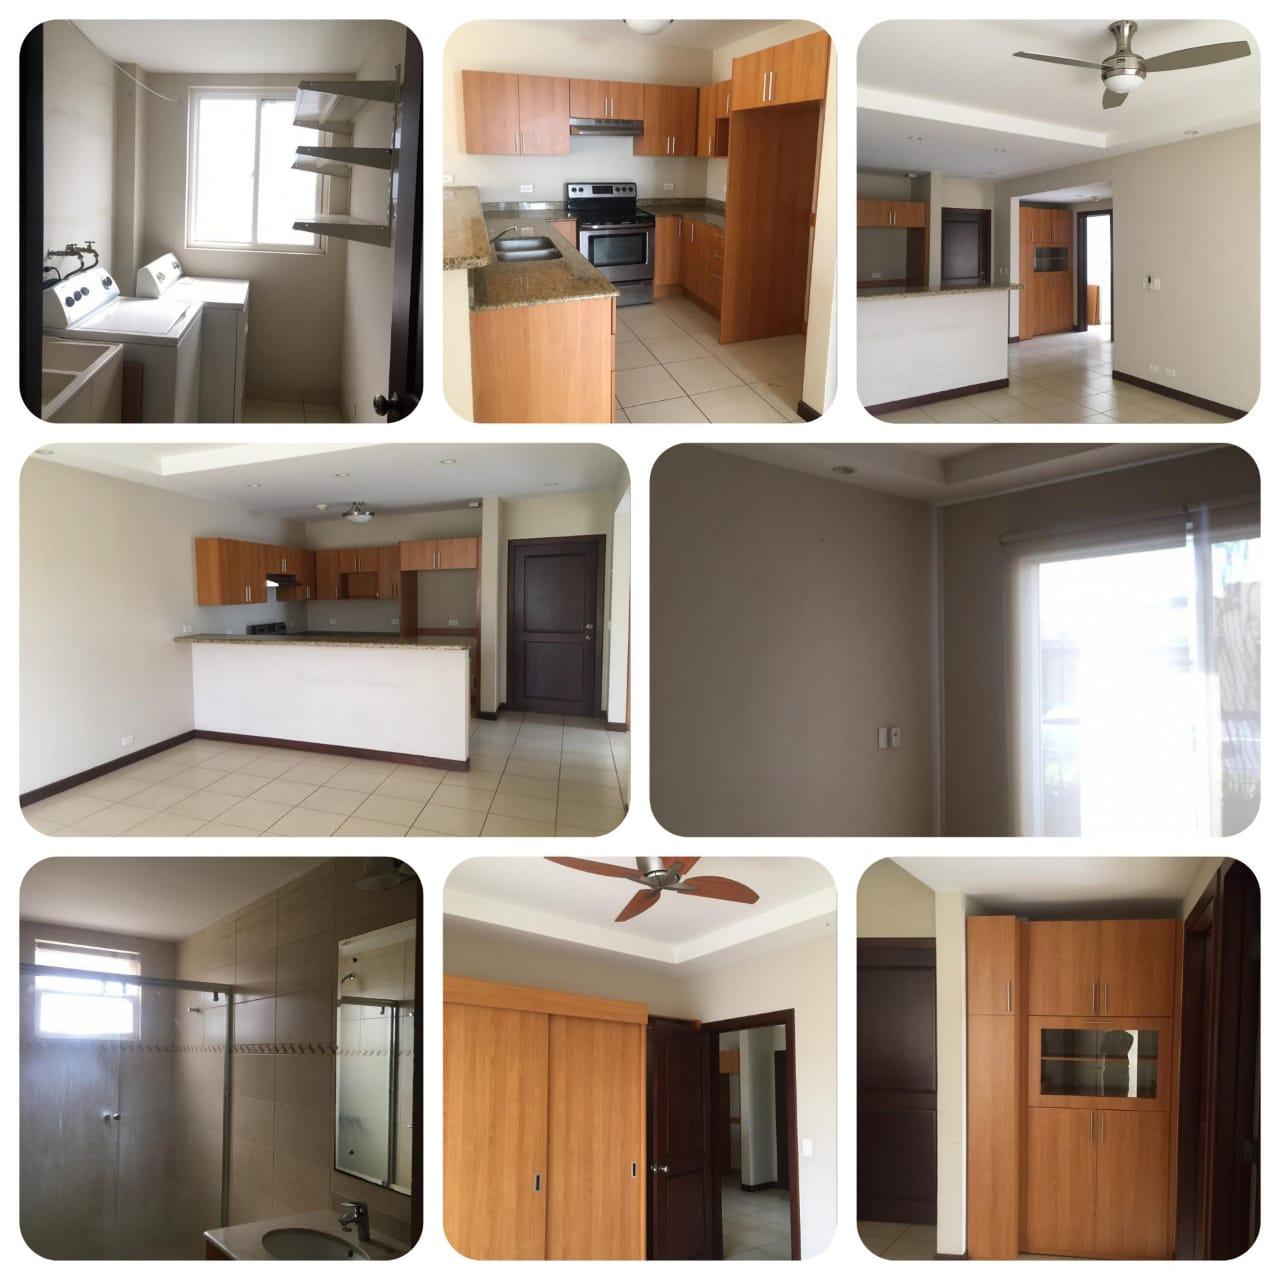 Alquiler de apartamento en Belen de 1 dormitorio